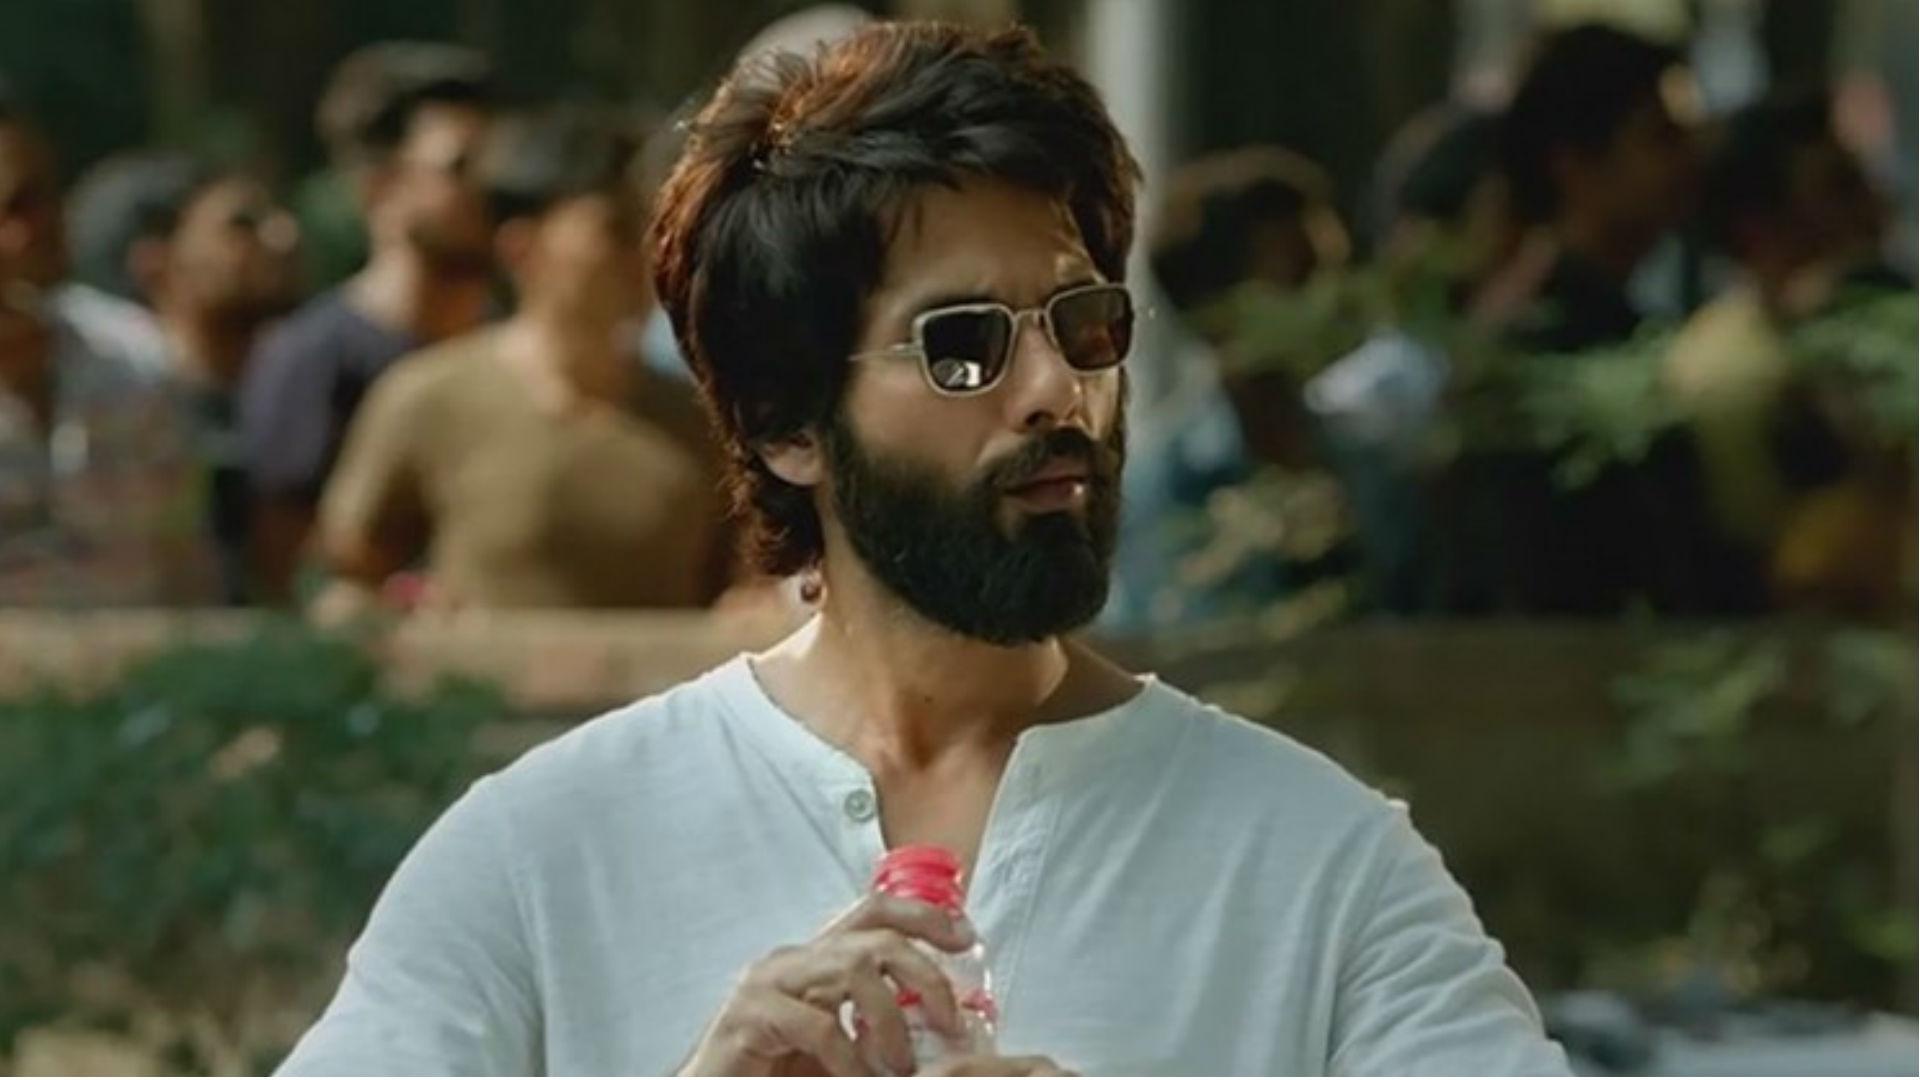 कबीर सिंह के बाद शाहिद कपूर के पास फिल्मों की भरमार, इस हिट तेलुगू मूवी के रीमेक में नजर आ सकते हैं एक्टर